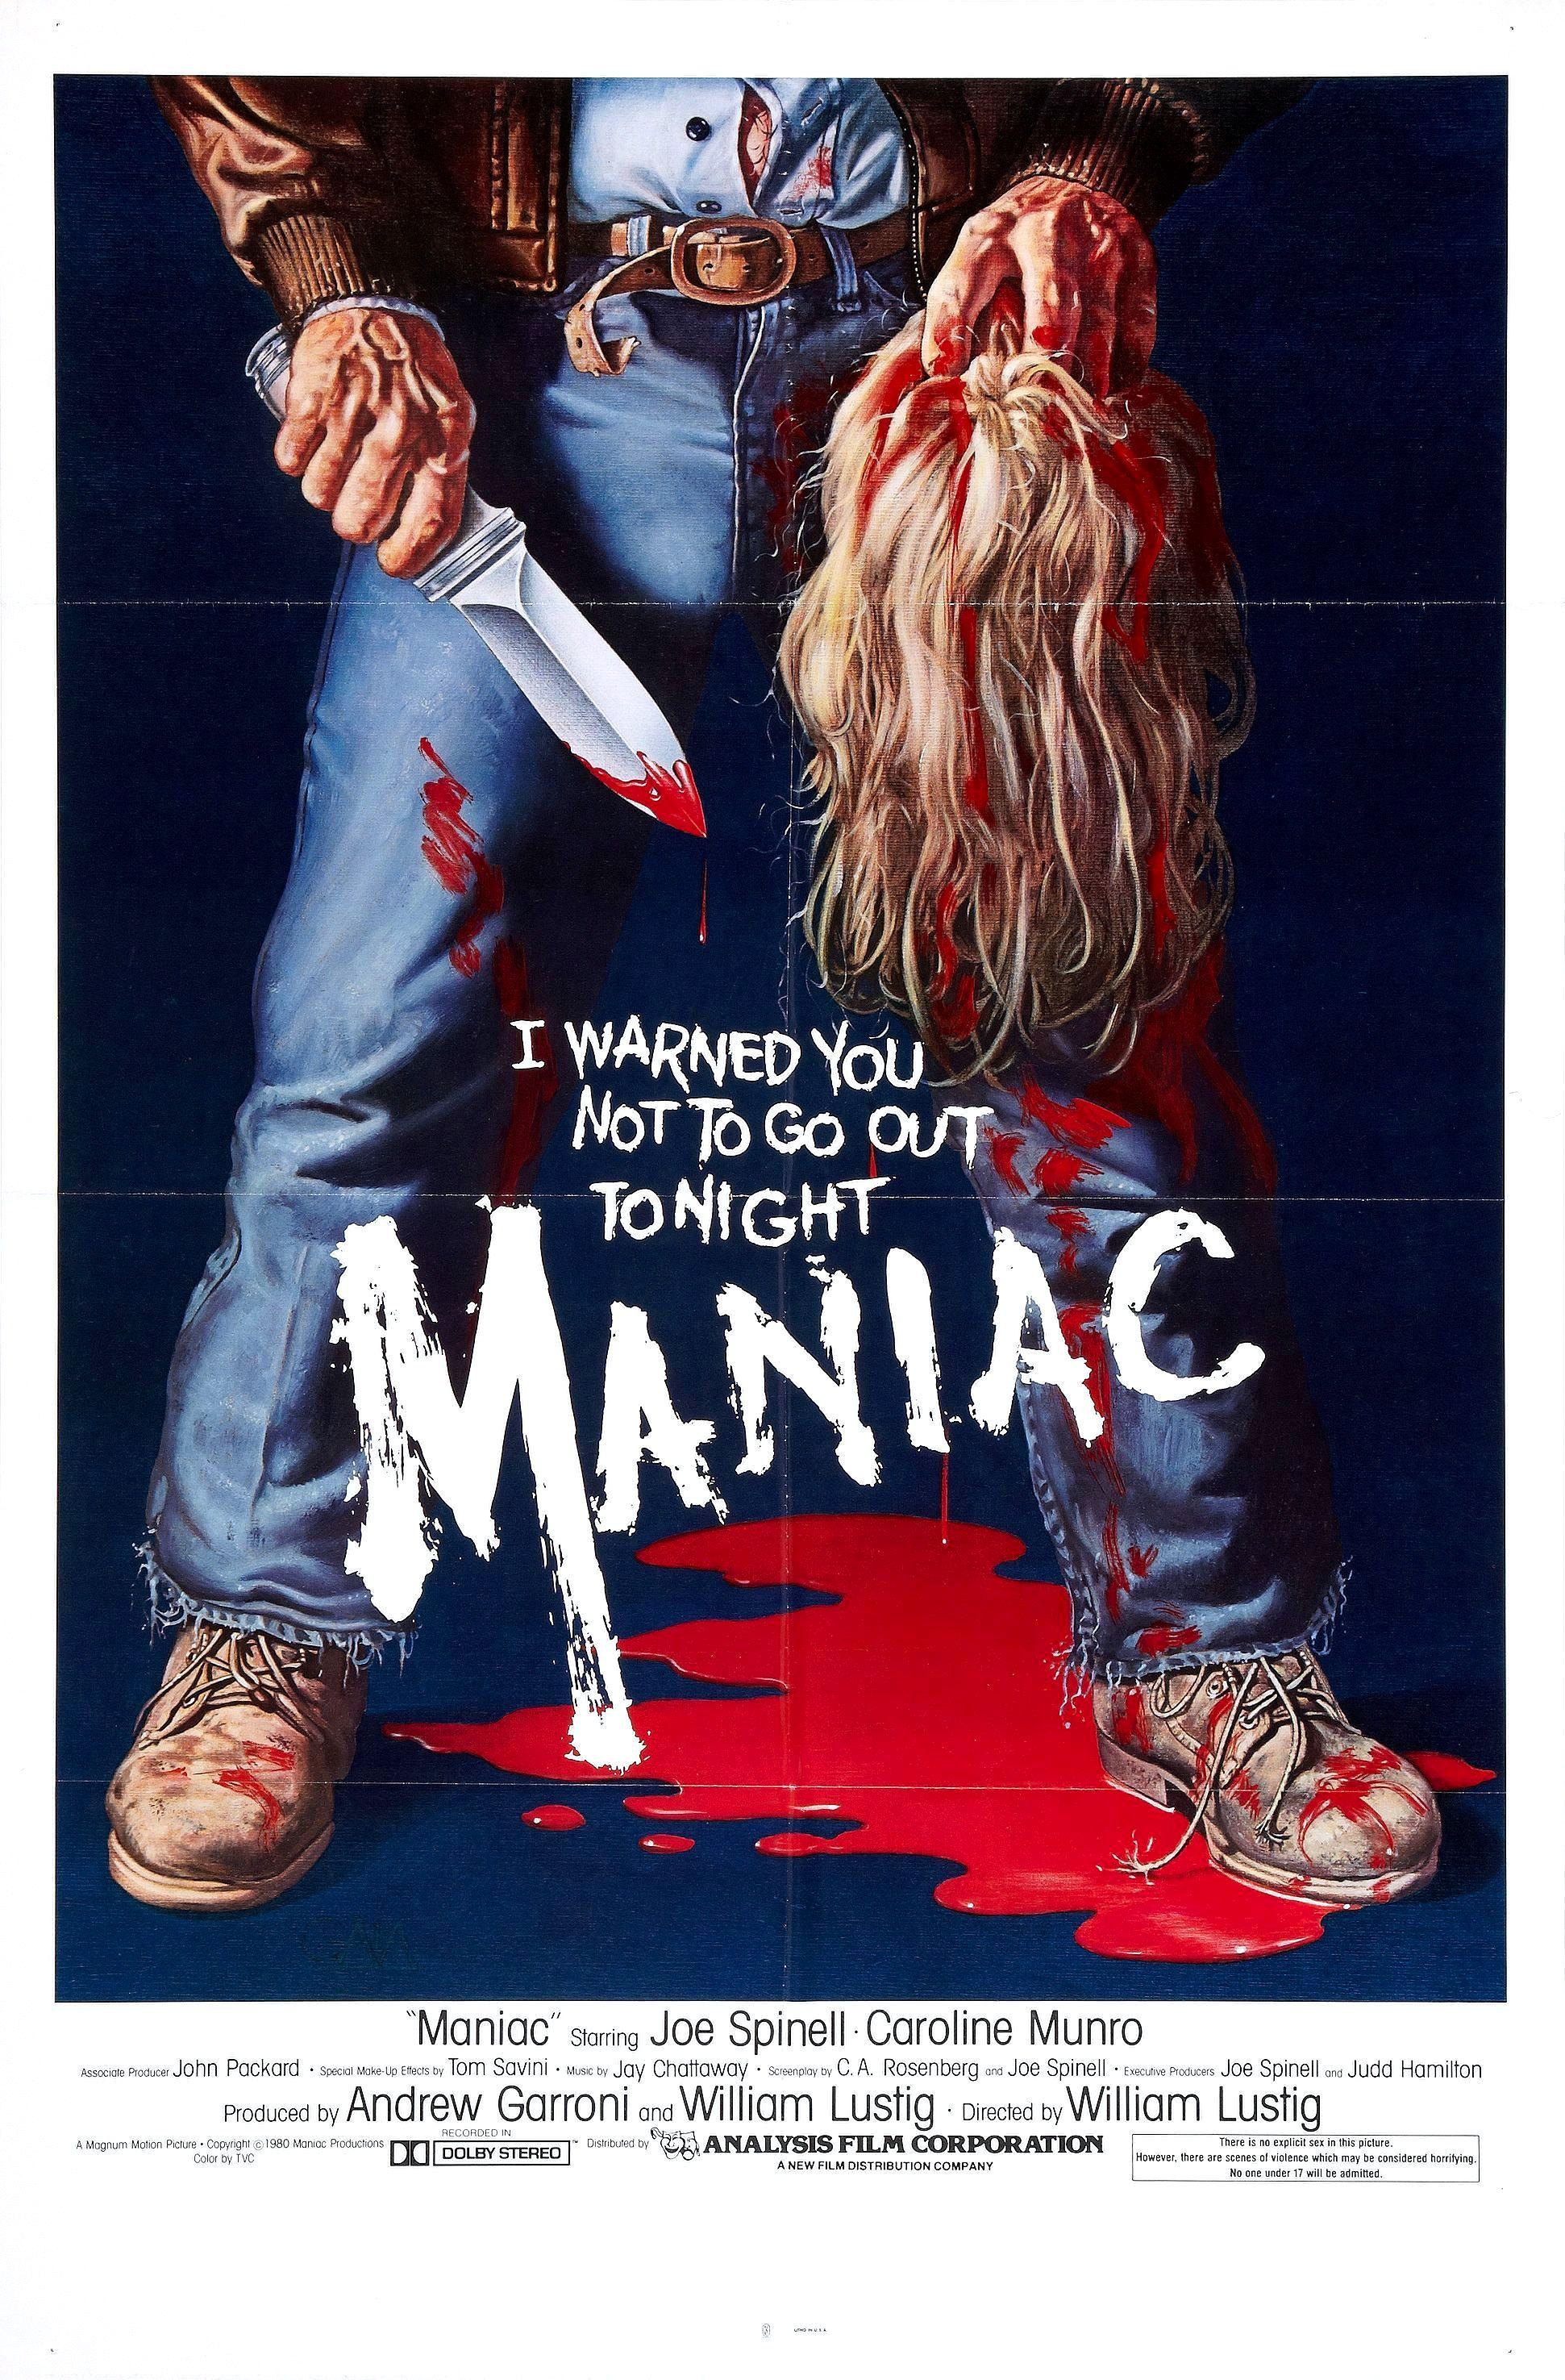 10 фильмов о маньяков лучшие фильмы о маньяках лучшие фильмы ужасов отвратительные мужики 10 best slashers